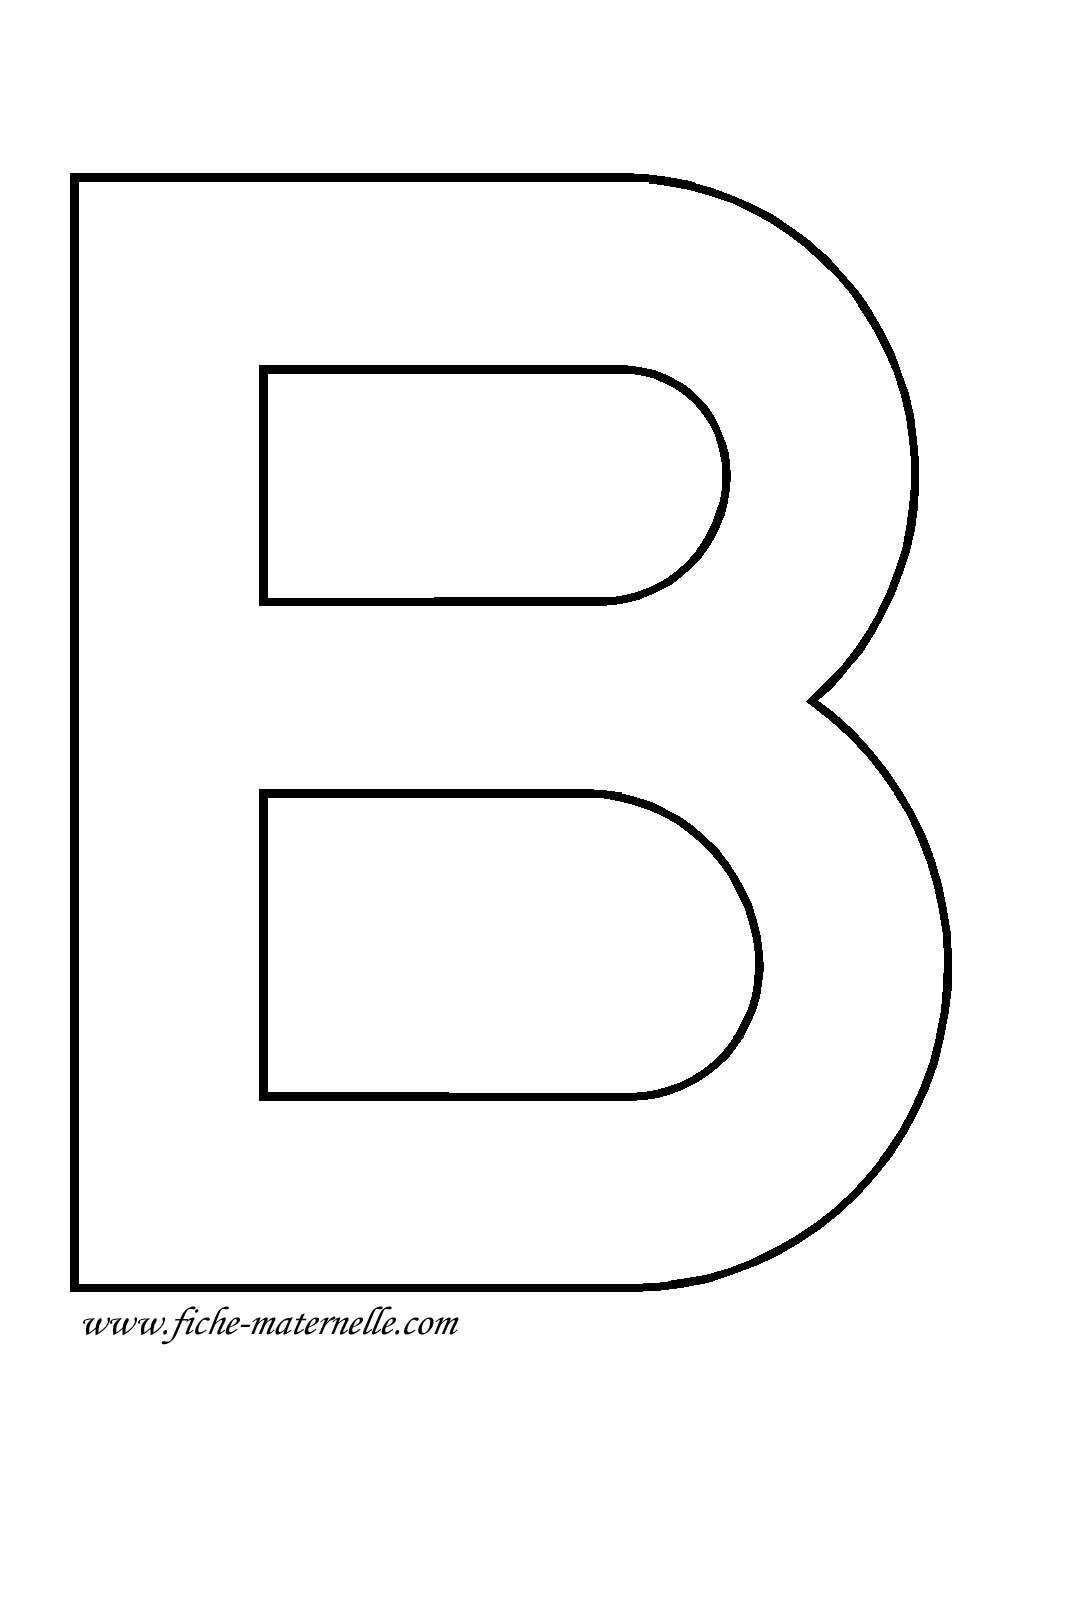 lettre de l 39 alphabet d corer fran ais pinterest. Black Bedroom Furniture Sets. Home Design Ideas